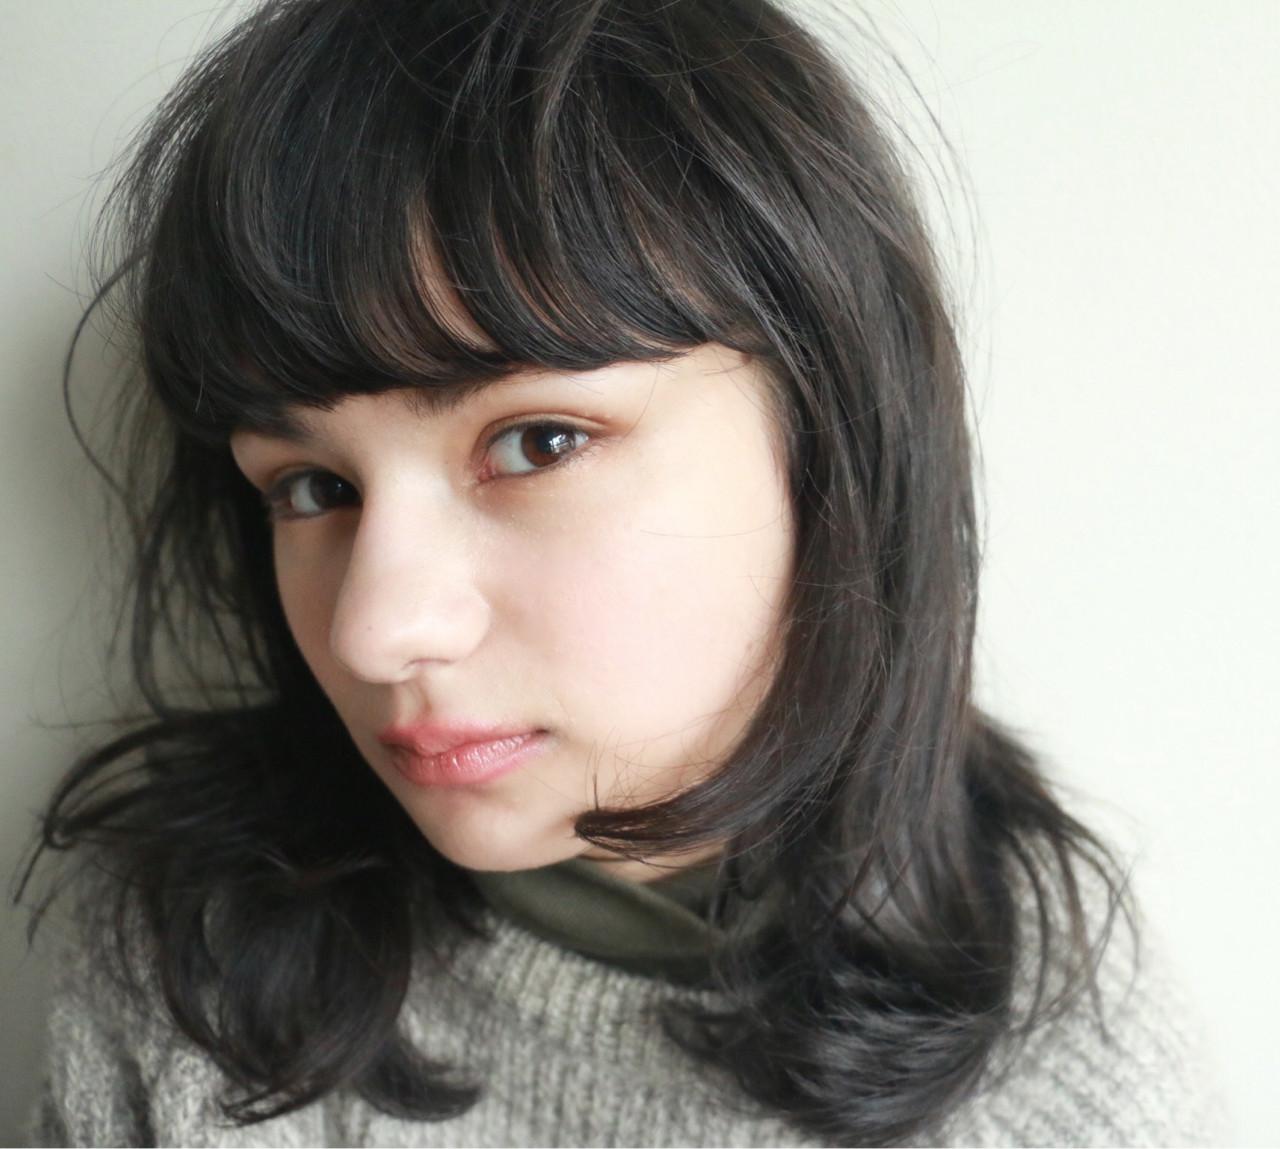 前髪重めスタイルでデカ目&小顔をつくる方法まとめ 高橋 忍